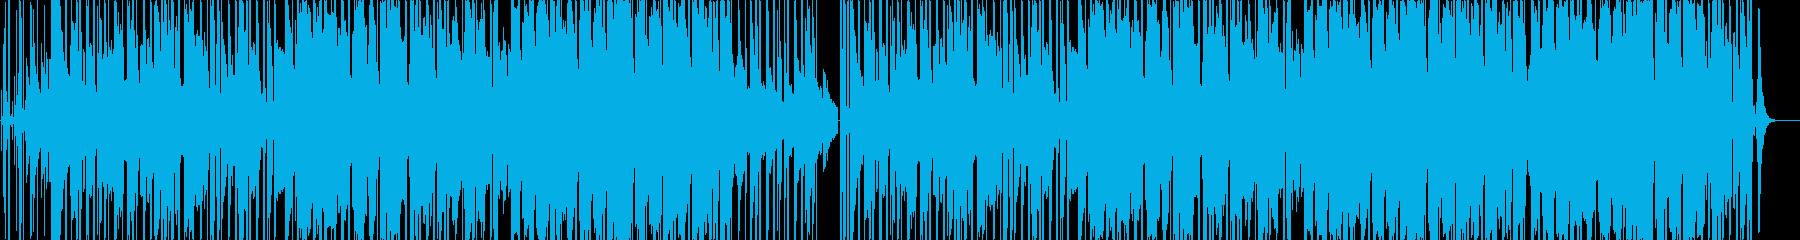 オシャレで切ない恋愛ソング(LO-FI)の再生済みの波形